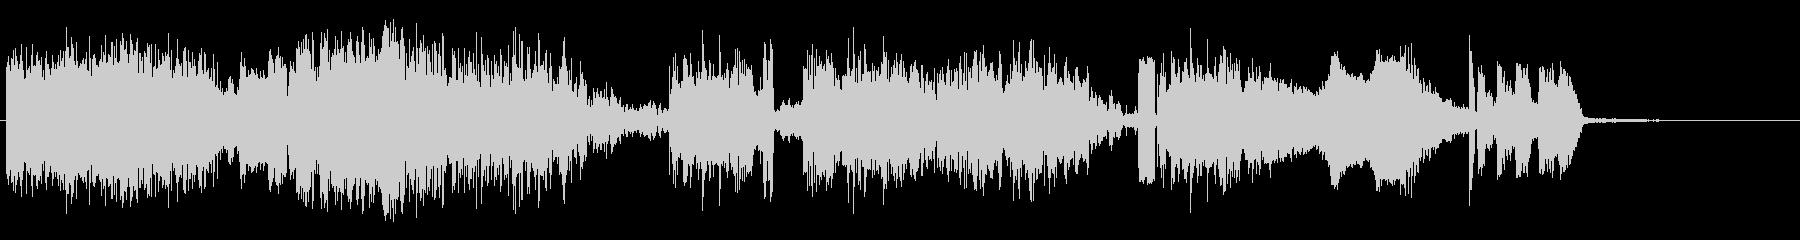 テレメトリーショットの未再生の波形